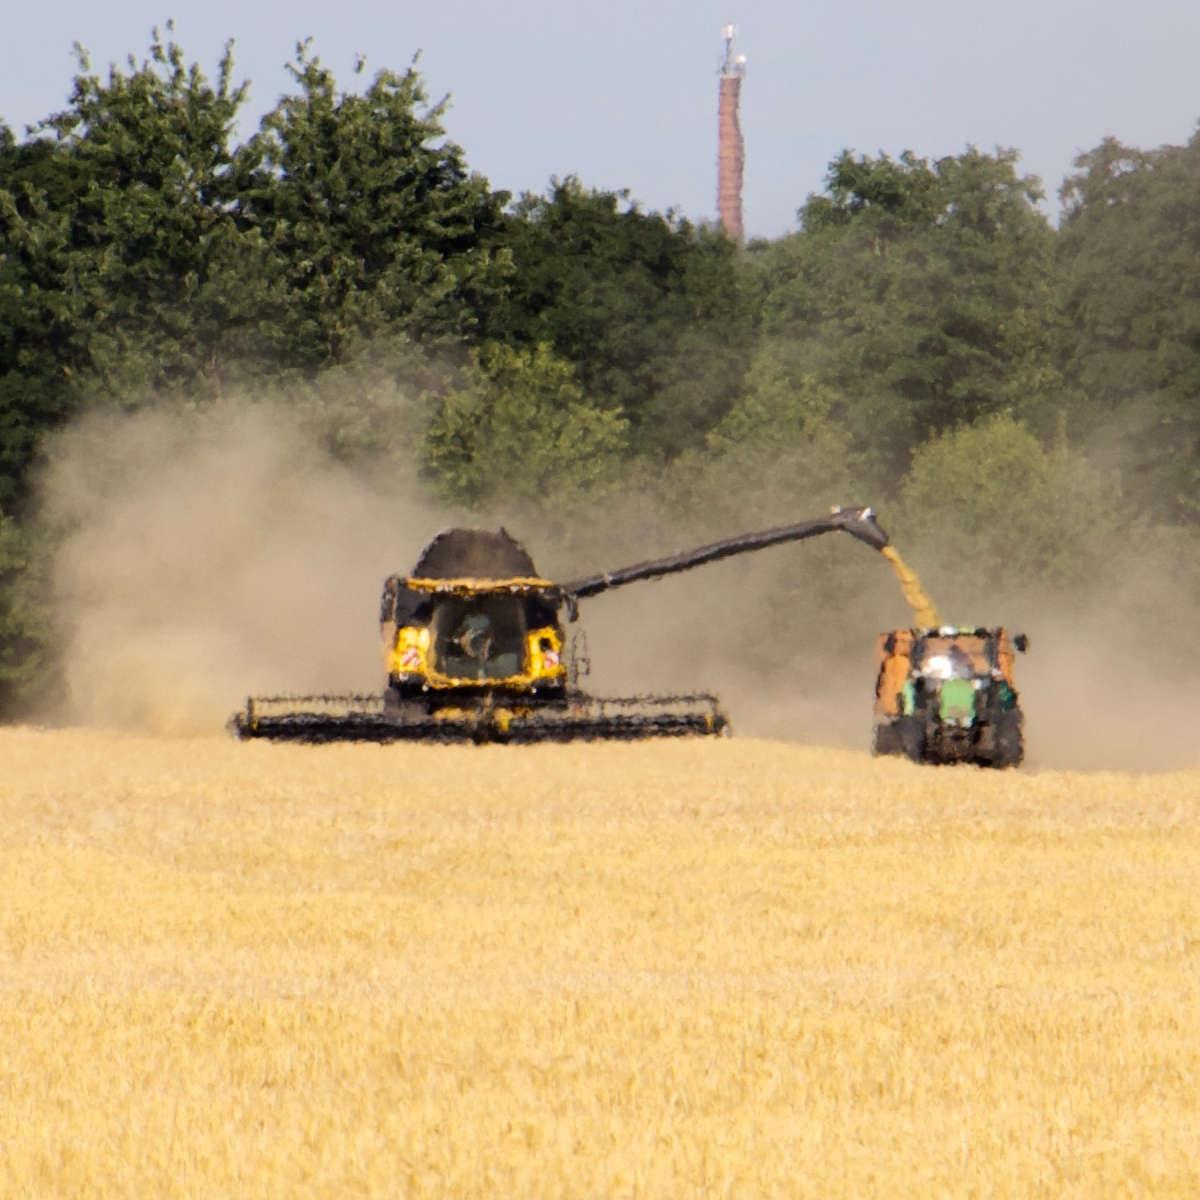 heiß, hitze, ernte, landwirtschaft, korn, arbeit, hart, fata, morgana